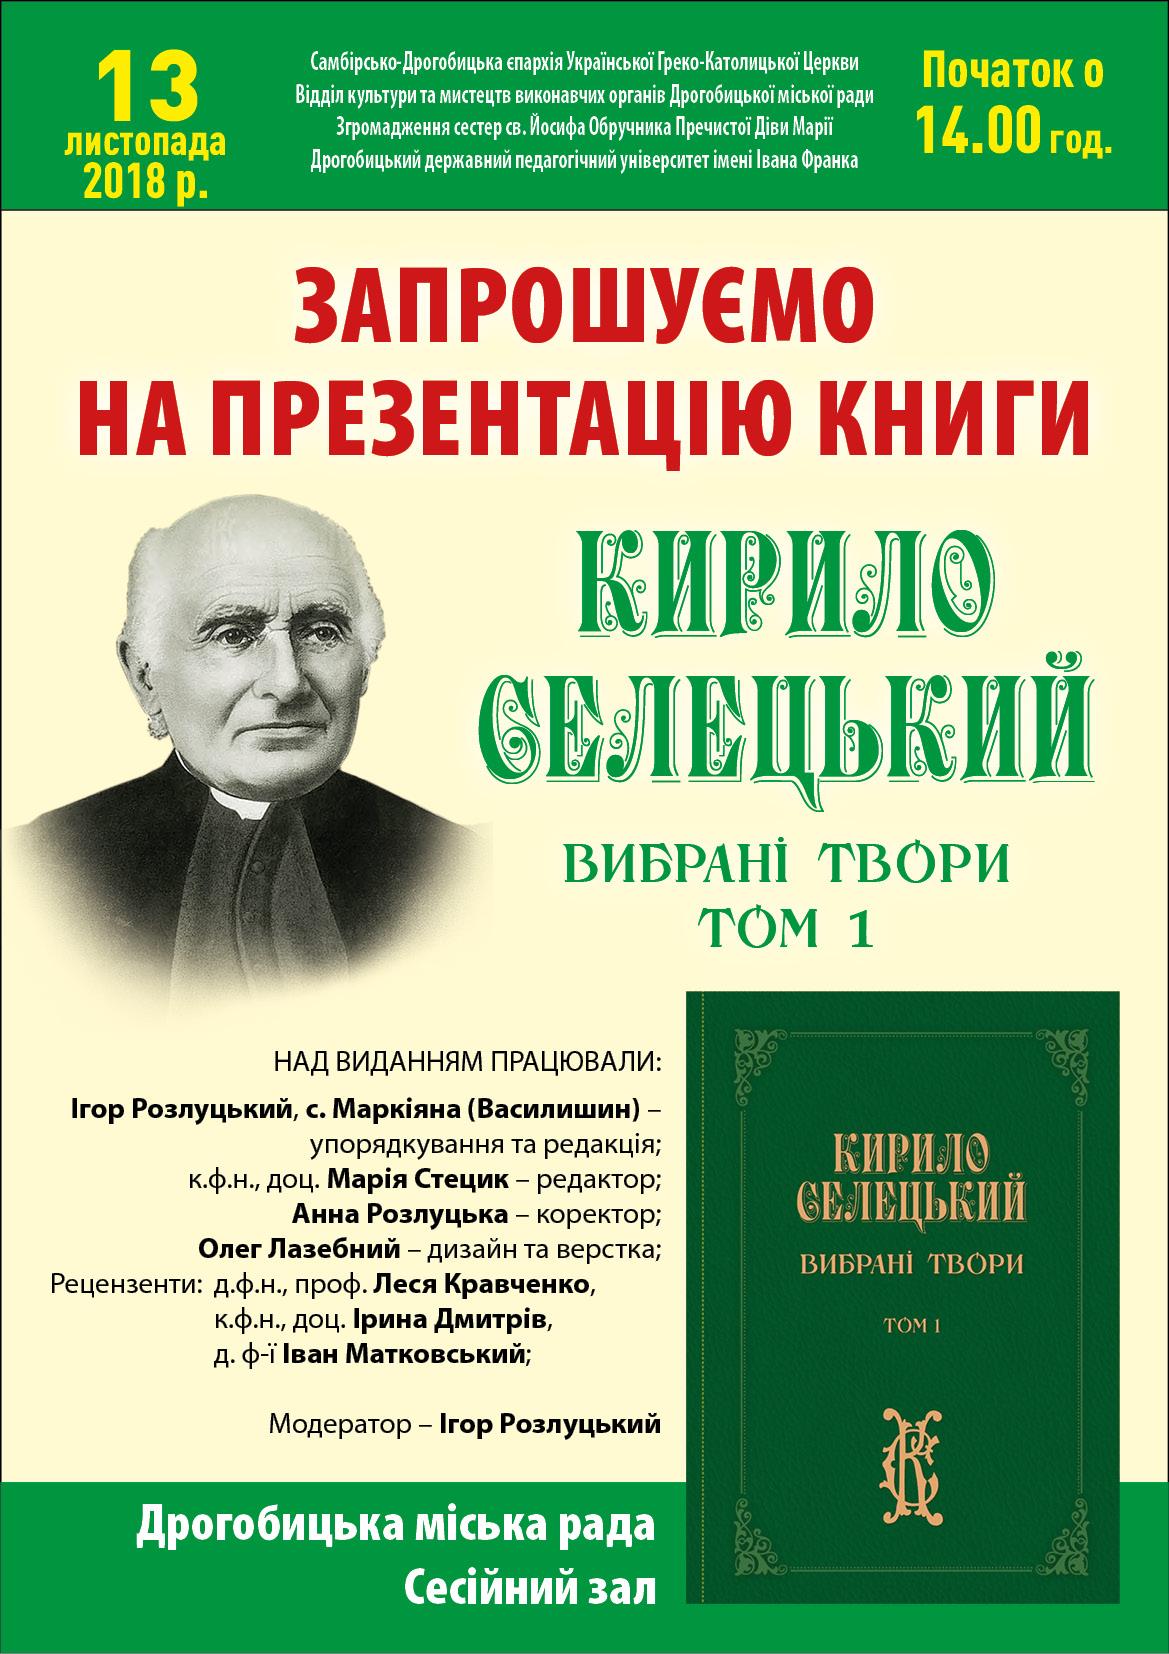 Сьогодні у Дрогобицькій міській раді відбудеться презентація книги вибраних творів о. Кирила Селецького